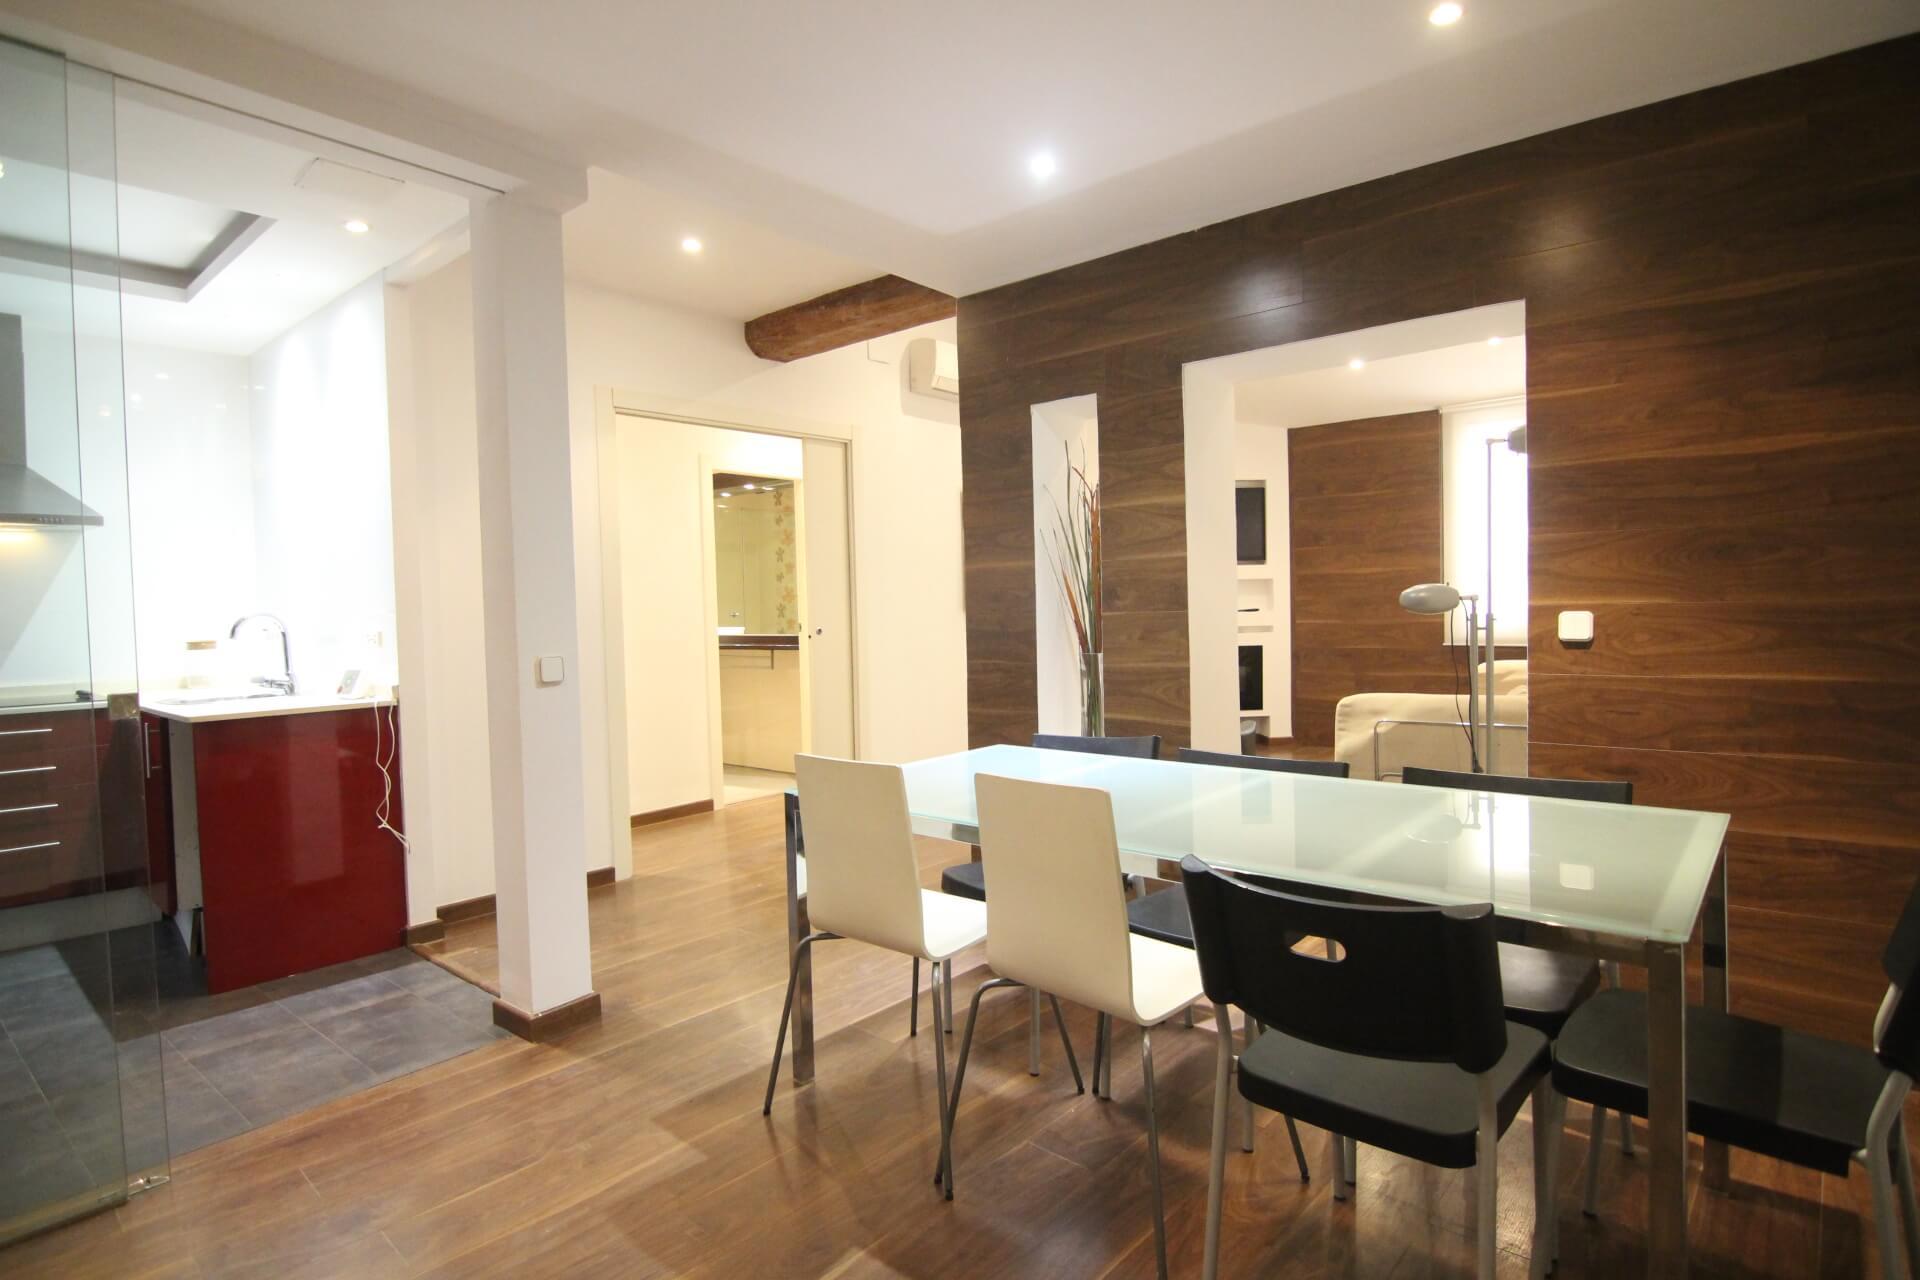 location 2 chambres doubles borne proche parc ciutadella